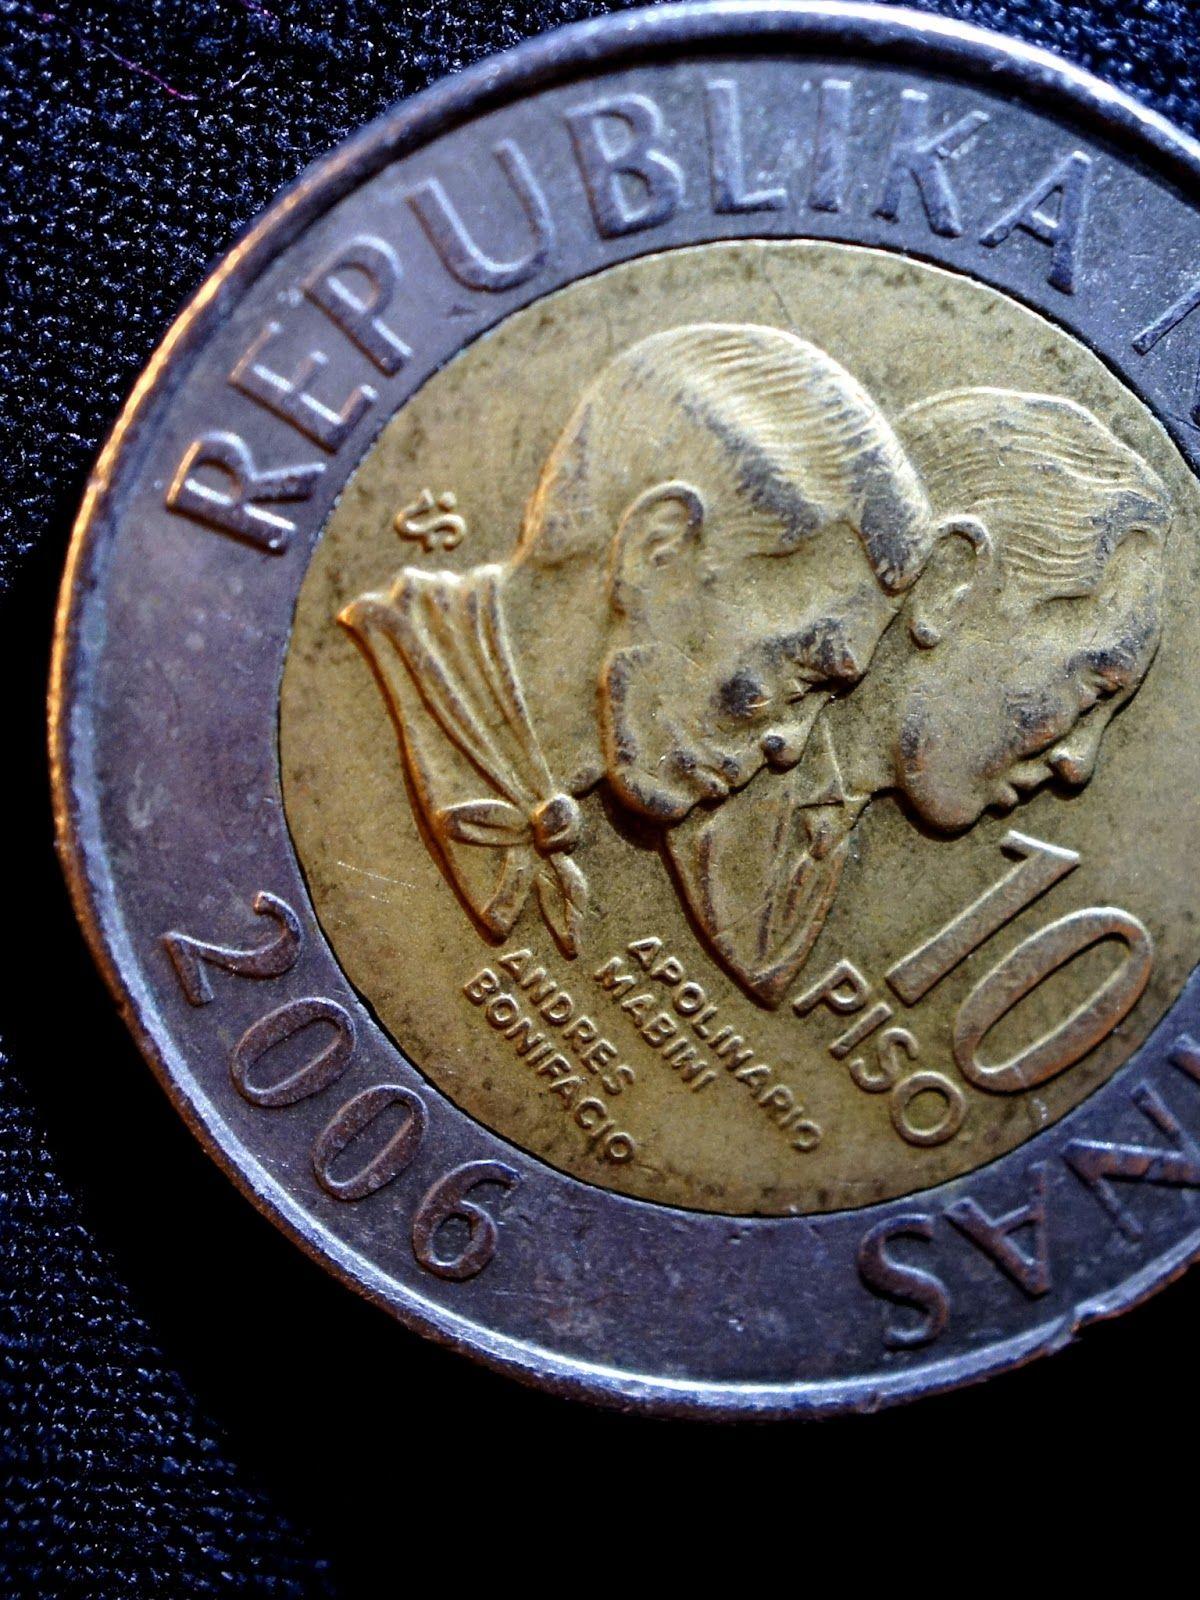 Philippine 10 Peso Coin Toper S